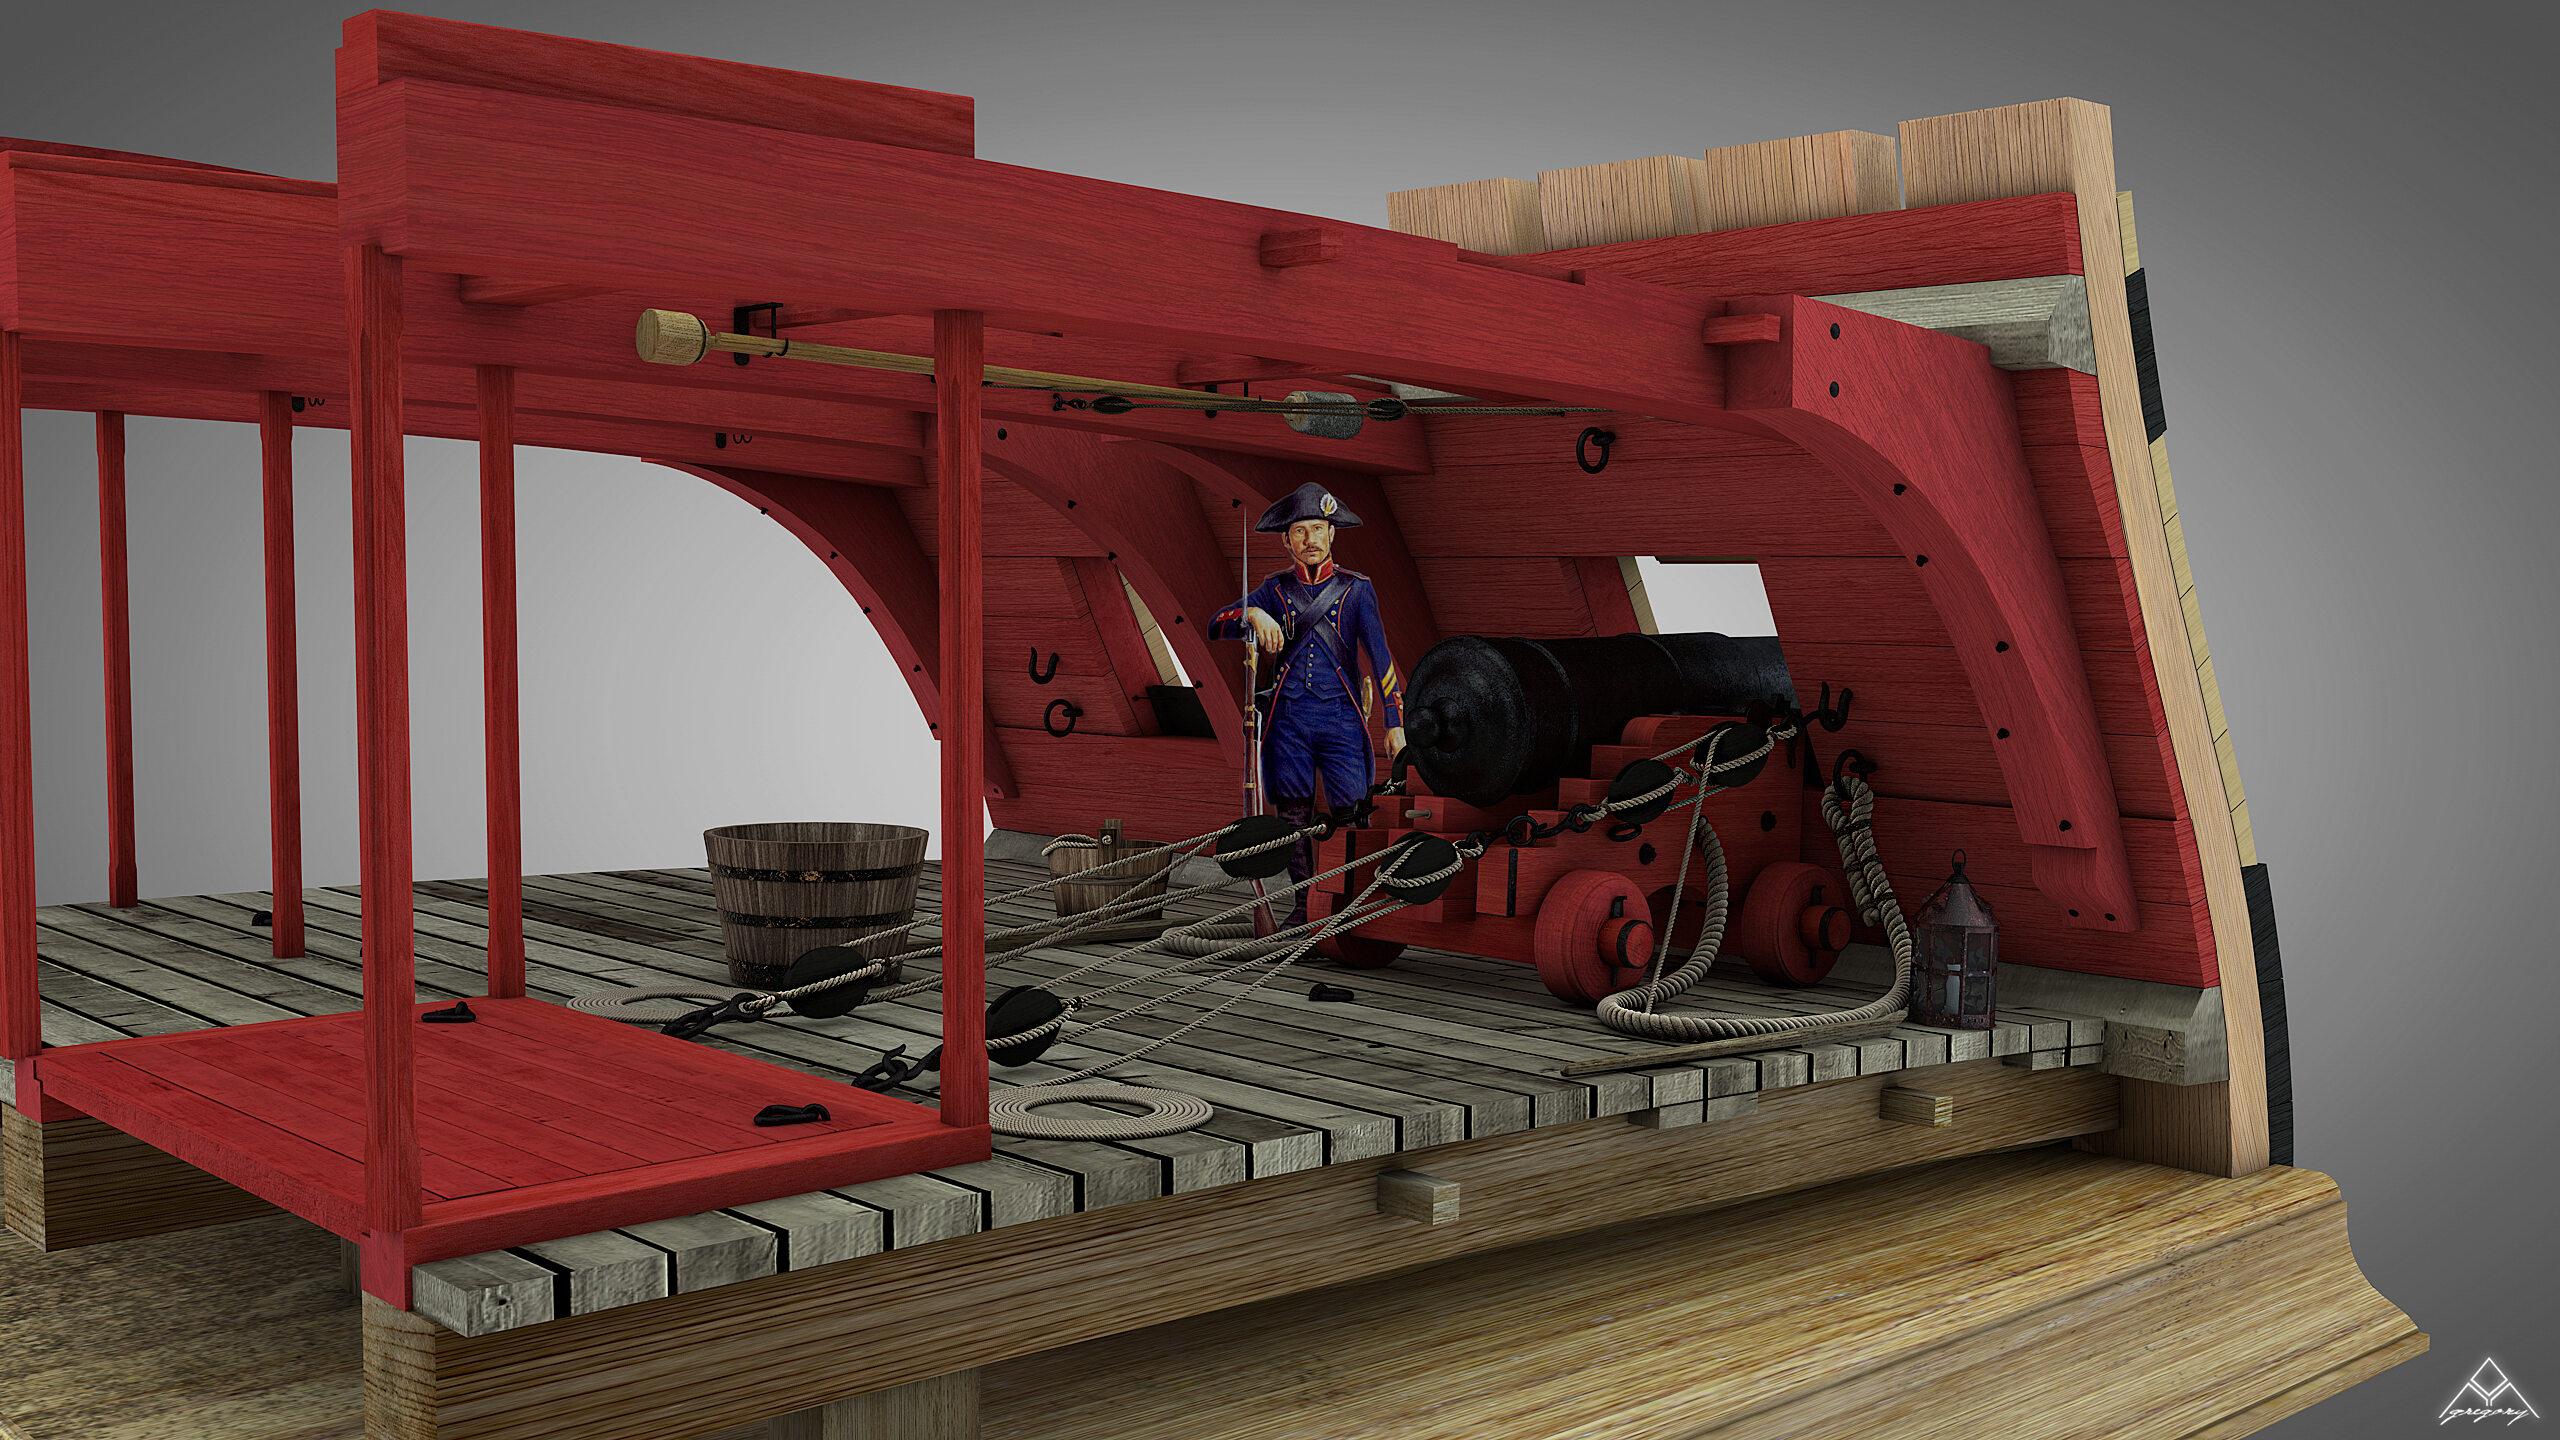 Canons de vaisseau 74 canons (Création 3D) par Greg_3D - Page 4 Rendu_53